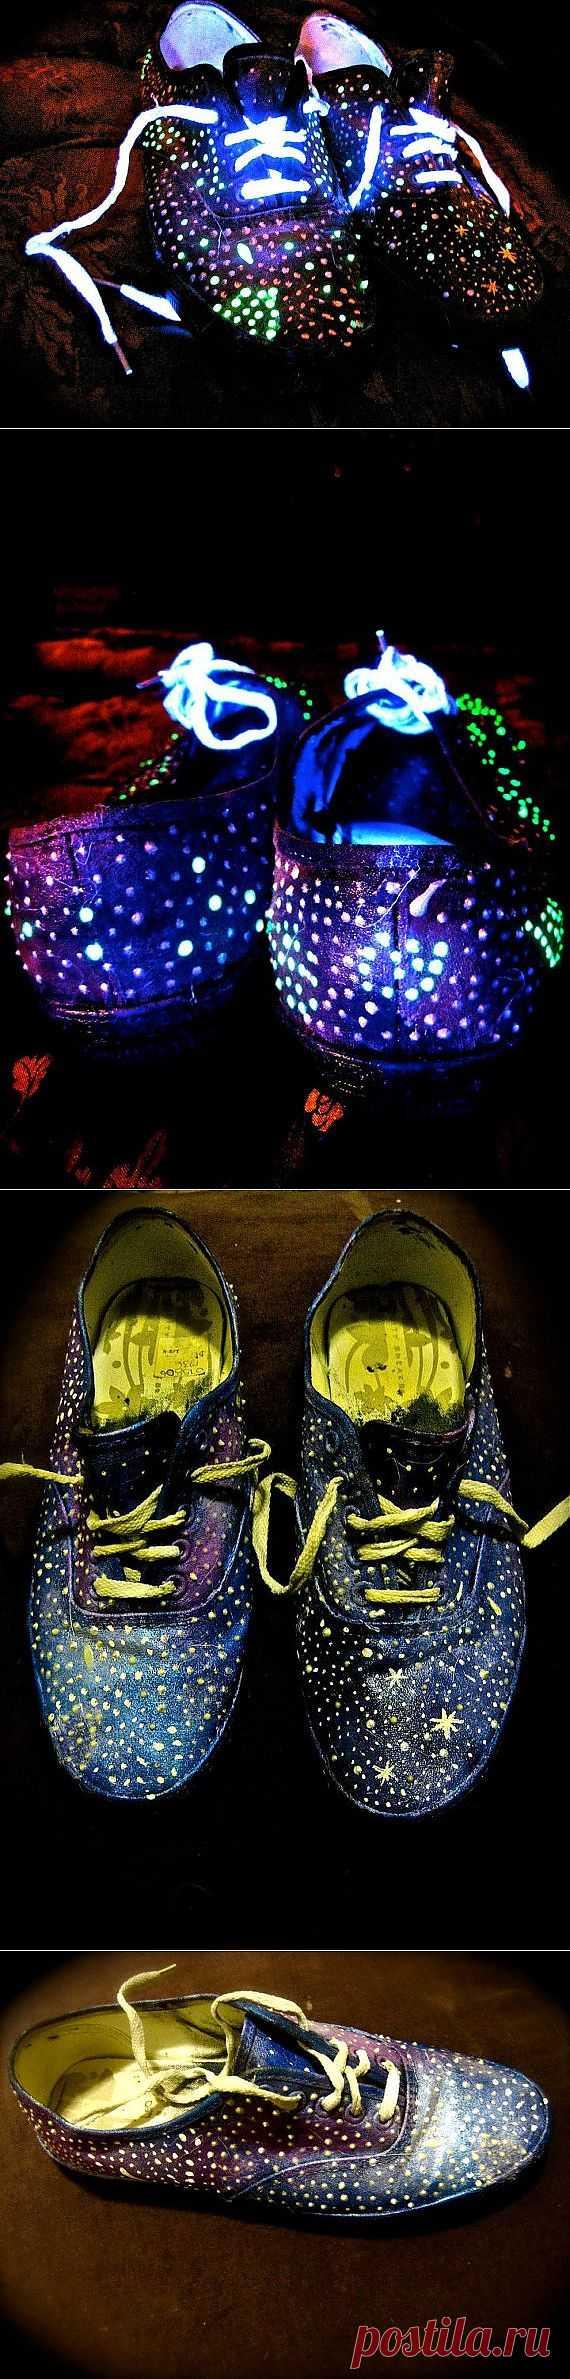 Усиливаем эффект Galaxy / Обувь / Модный сайт о стильной переделке одежды и интерьера